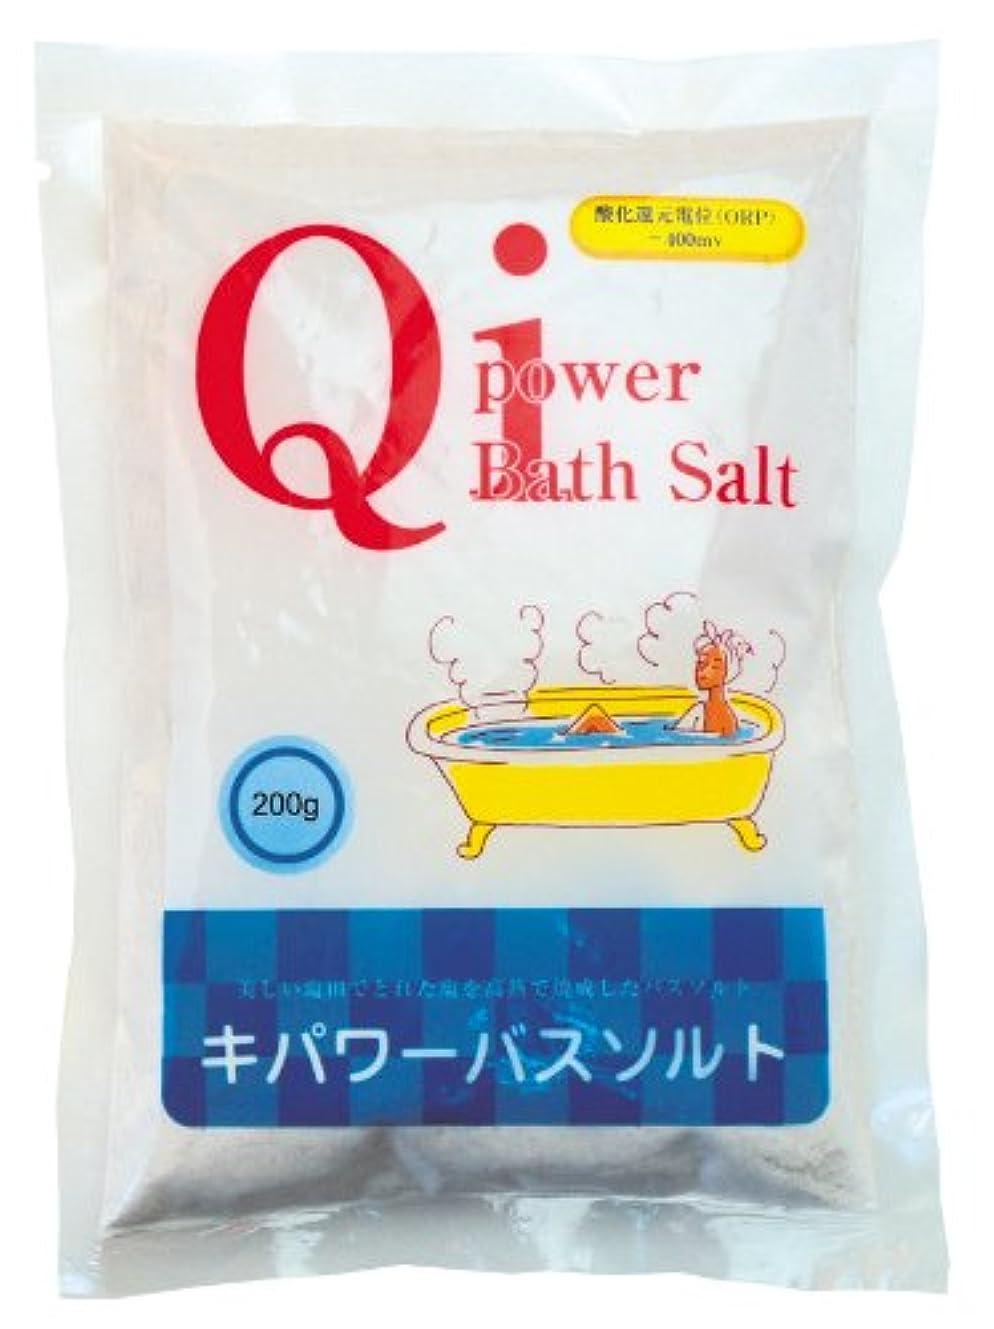 鎮静剤ペパーミントウイルスキパワー 天日塩を独自高温焼成 キパワーバスソルト 200g 12セット